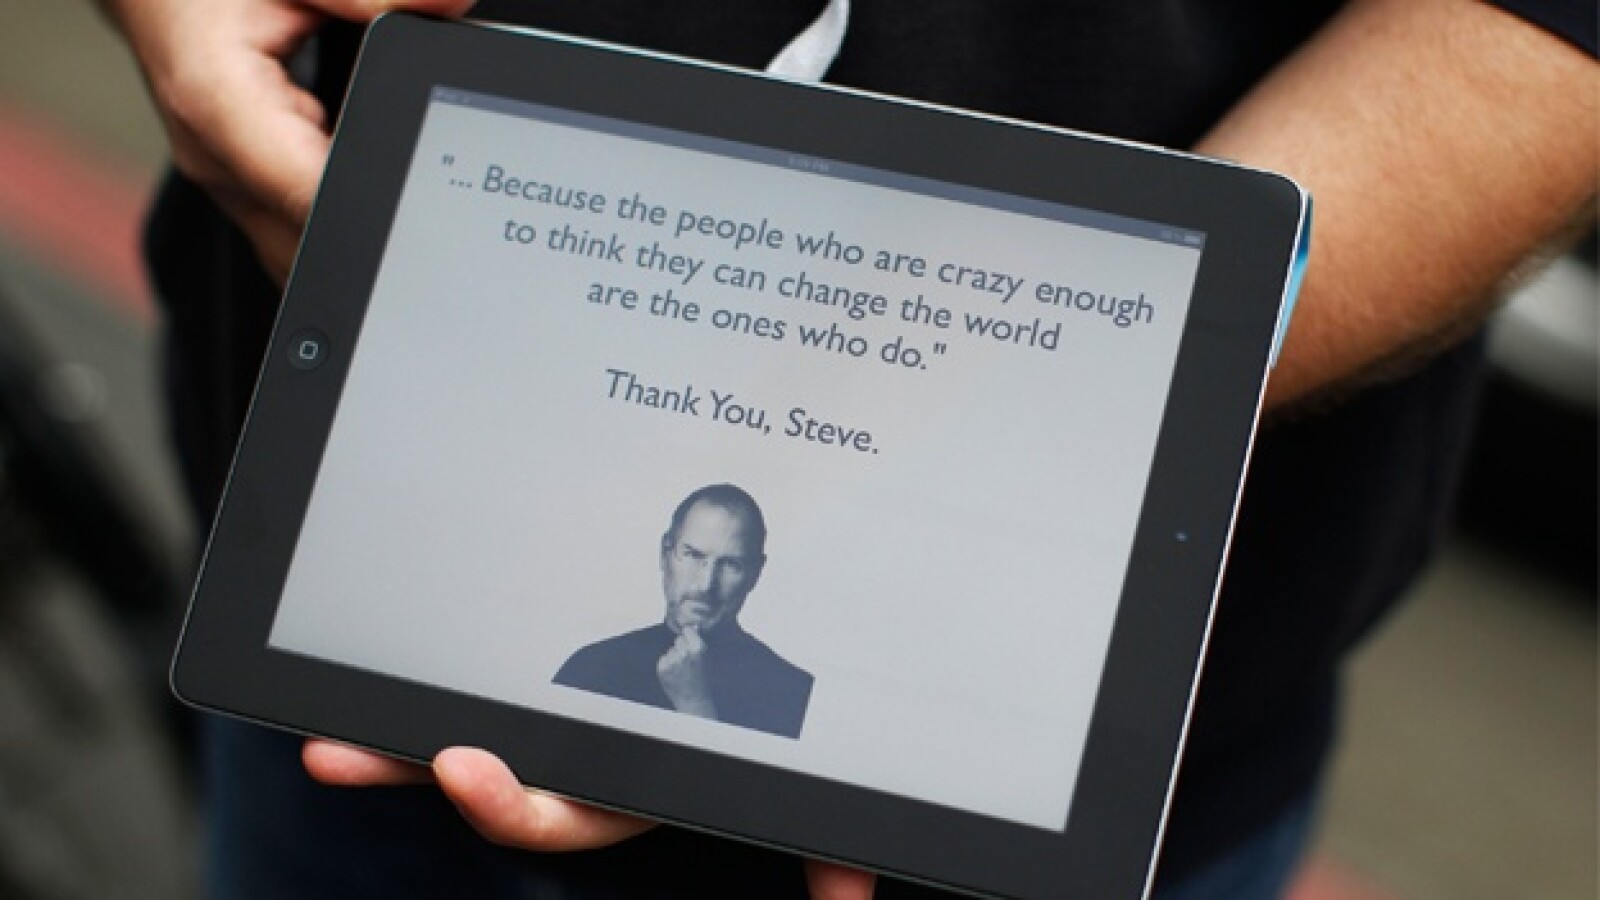 teve jobs 2011 thank you steve